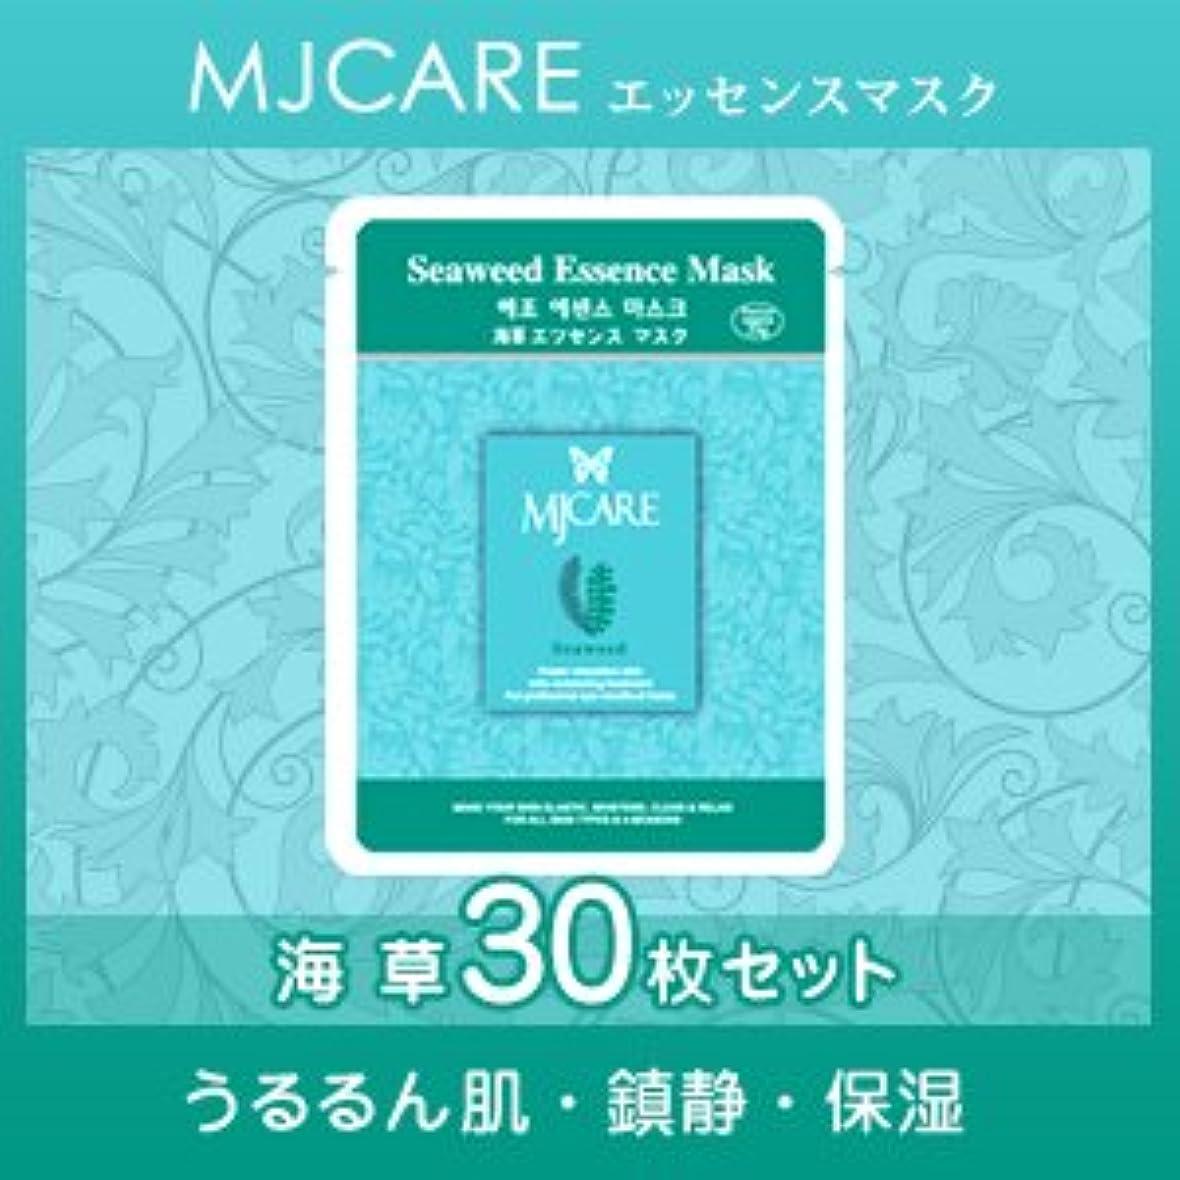 懺悔暖炉カナダMJCARE (エムジェイケア) 海草 エッセンスマスク 30セット